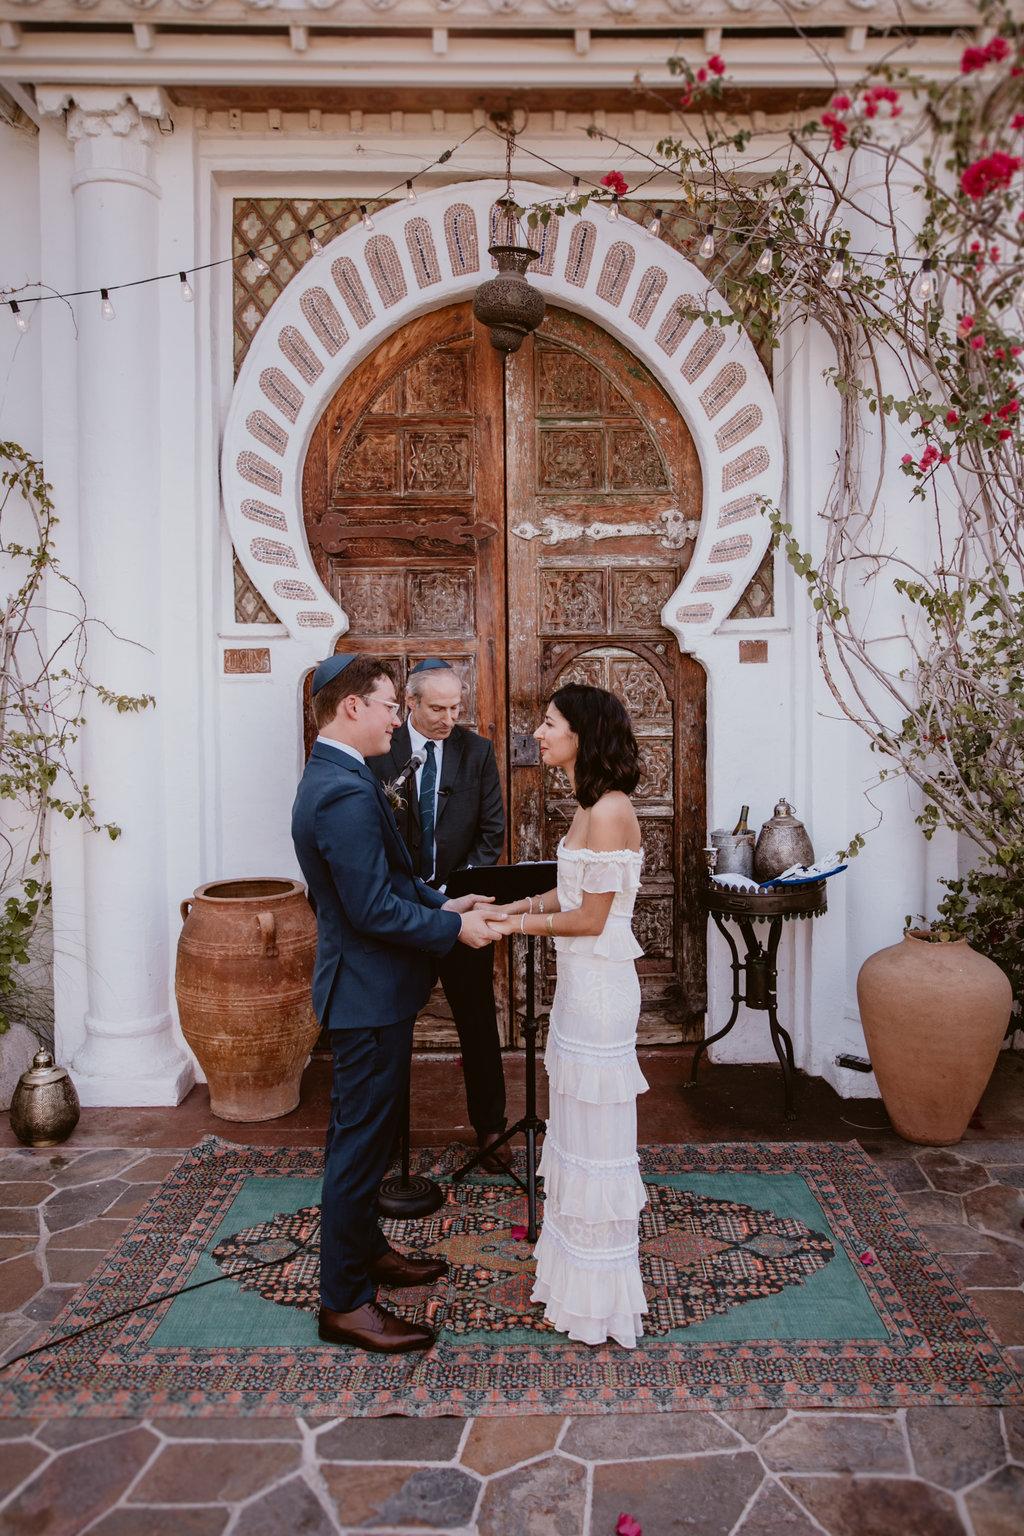 Korakia_Pension_Weddings_Palm_Springs_The_Gathering_Season026.JPG